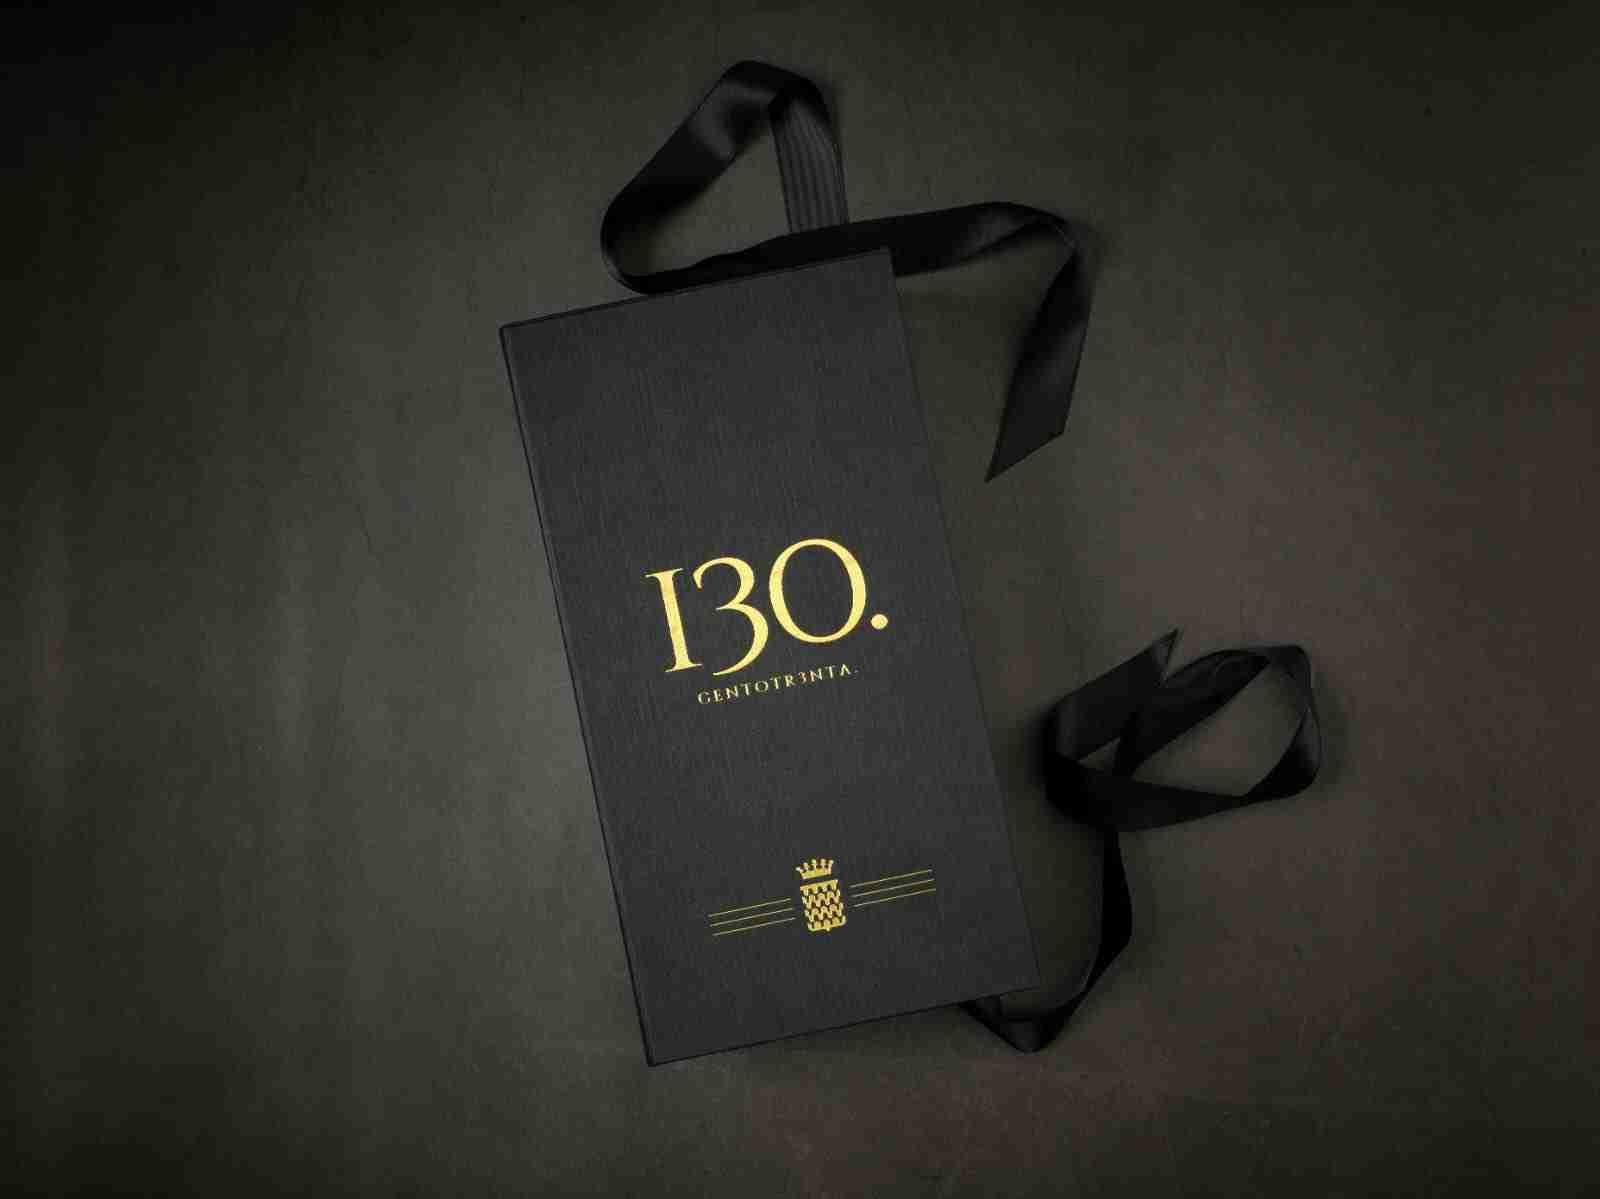 Confezione nera 130.2